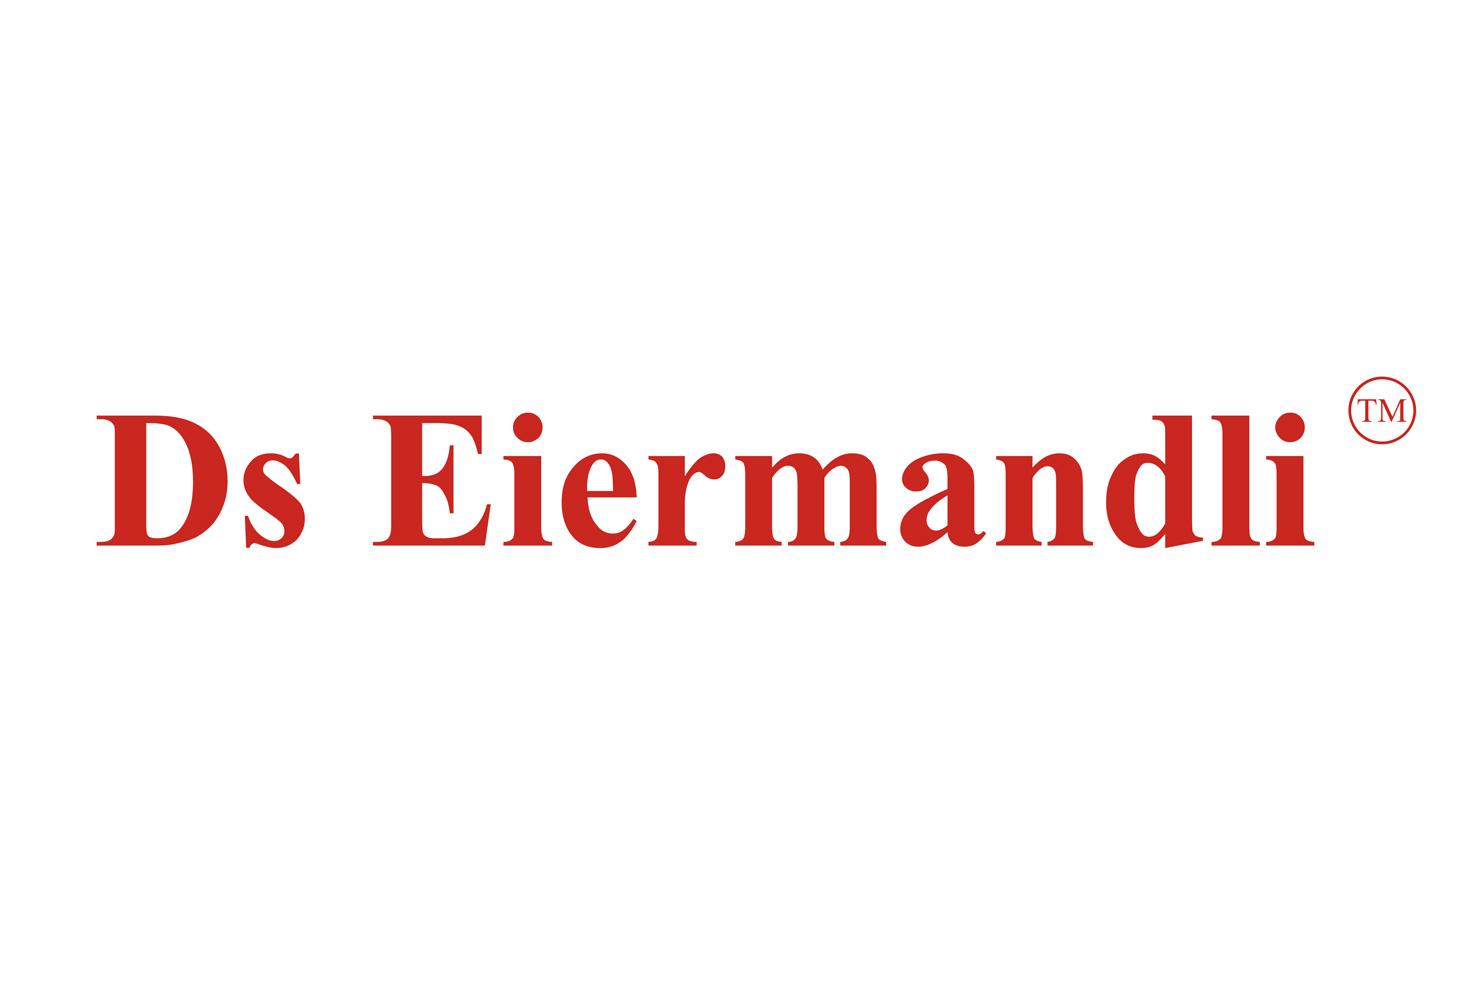 Bild 1 vom Ds Eiermandli Grafikdesign